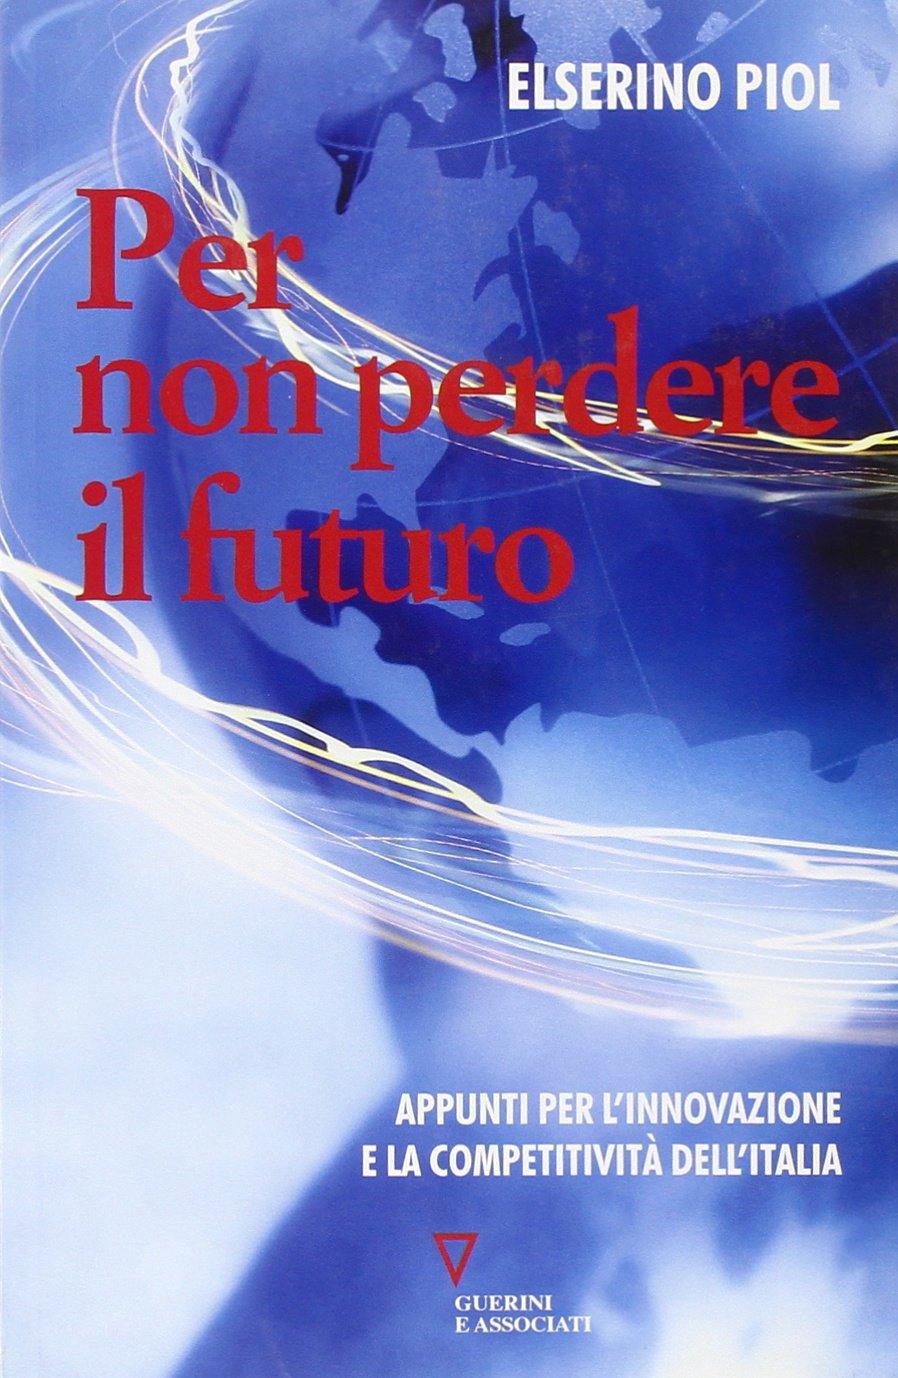 Per non perdere il futuro. Appunti per l'innovazione e la competitività dell'Italia Copertina flessibile – 1 gen 2008 Elserino Piol Guerini e Associati 8862501013 ECONOMIA